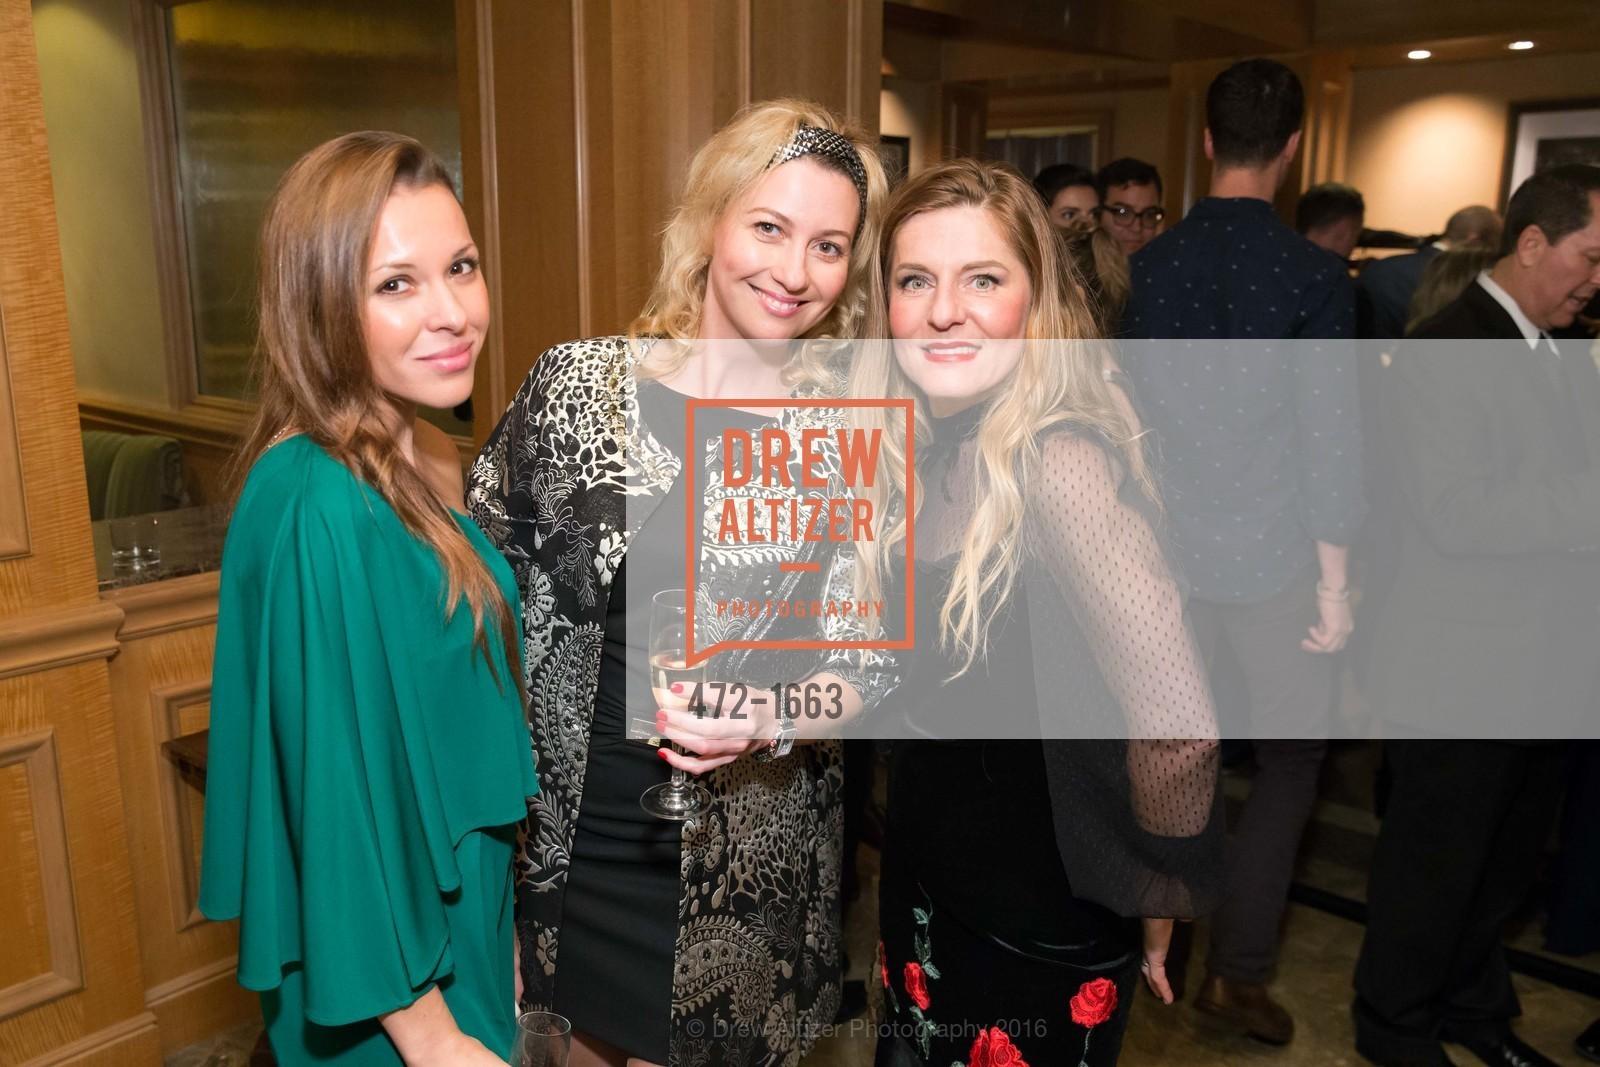 Albina Mingaleeva, Karina Zakharov, Marsha Campana, Photo #472-1663